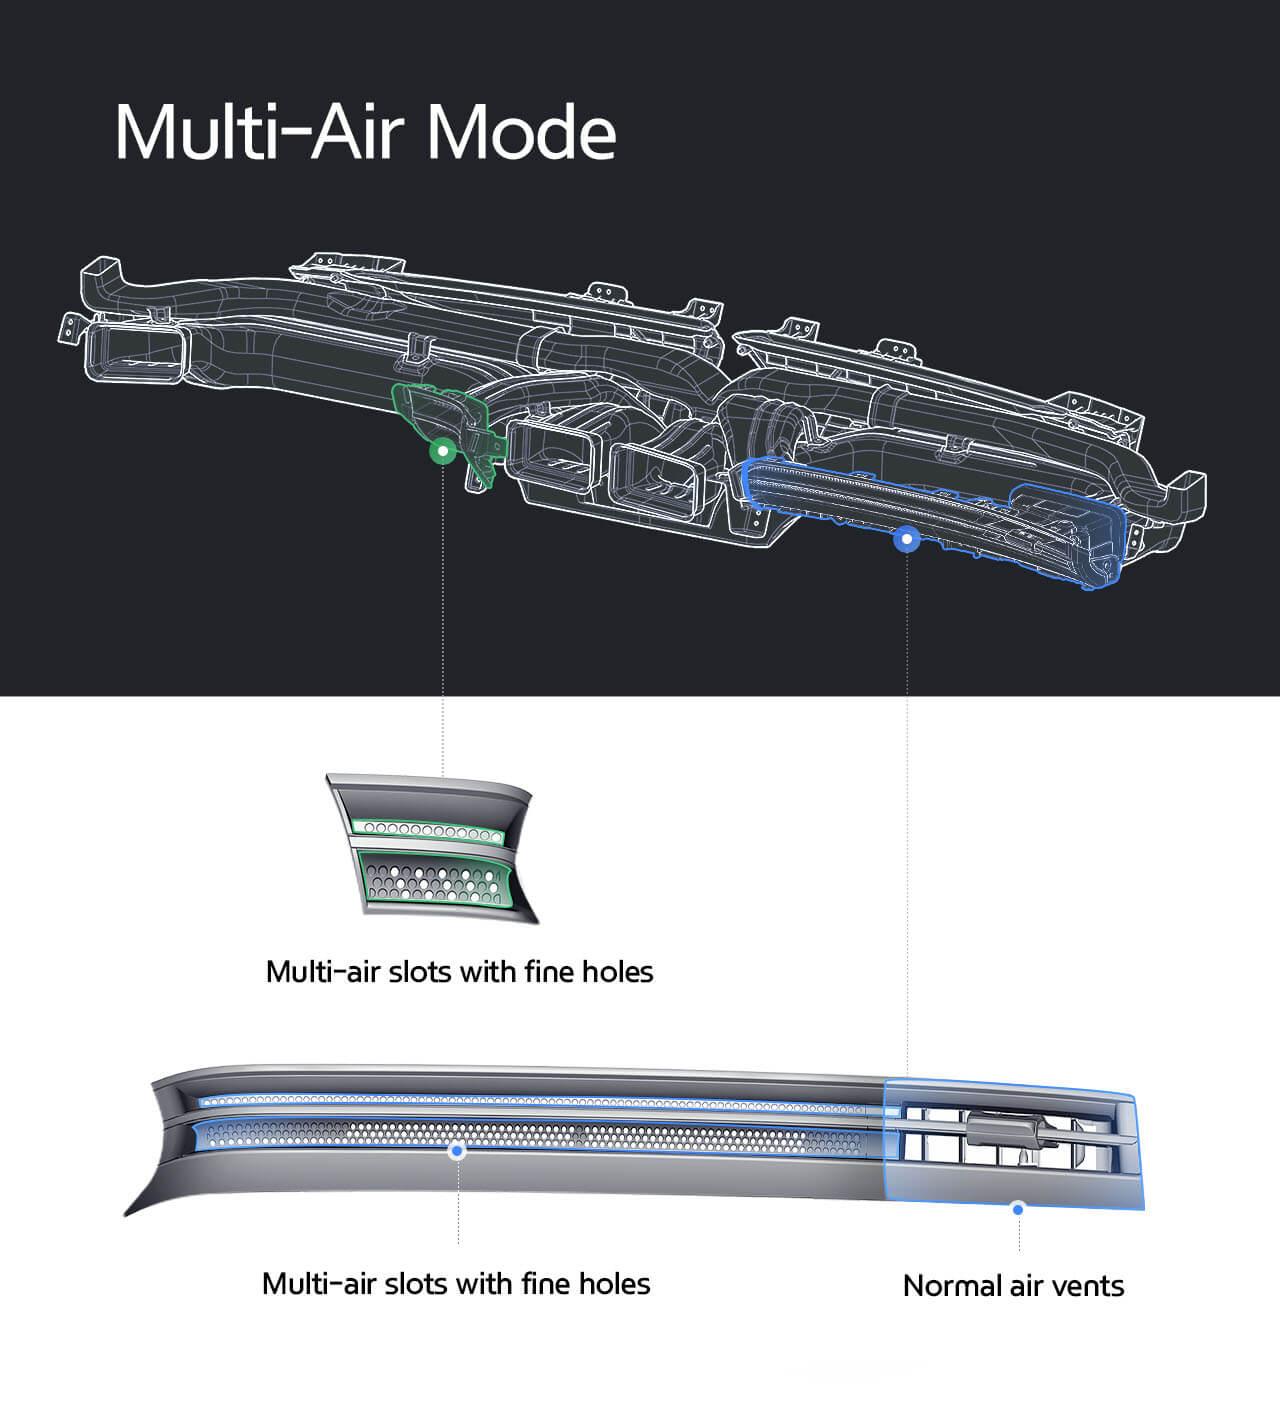 Multi-Air Mode розсіює потік повітря, зменшуючи прямий контакт із ним